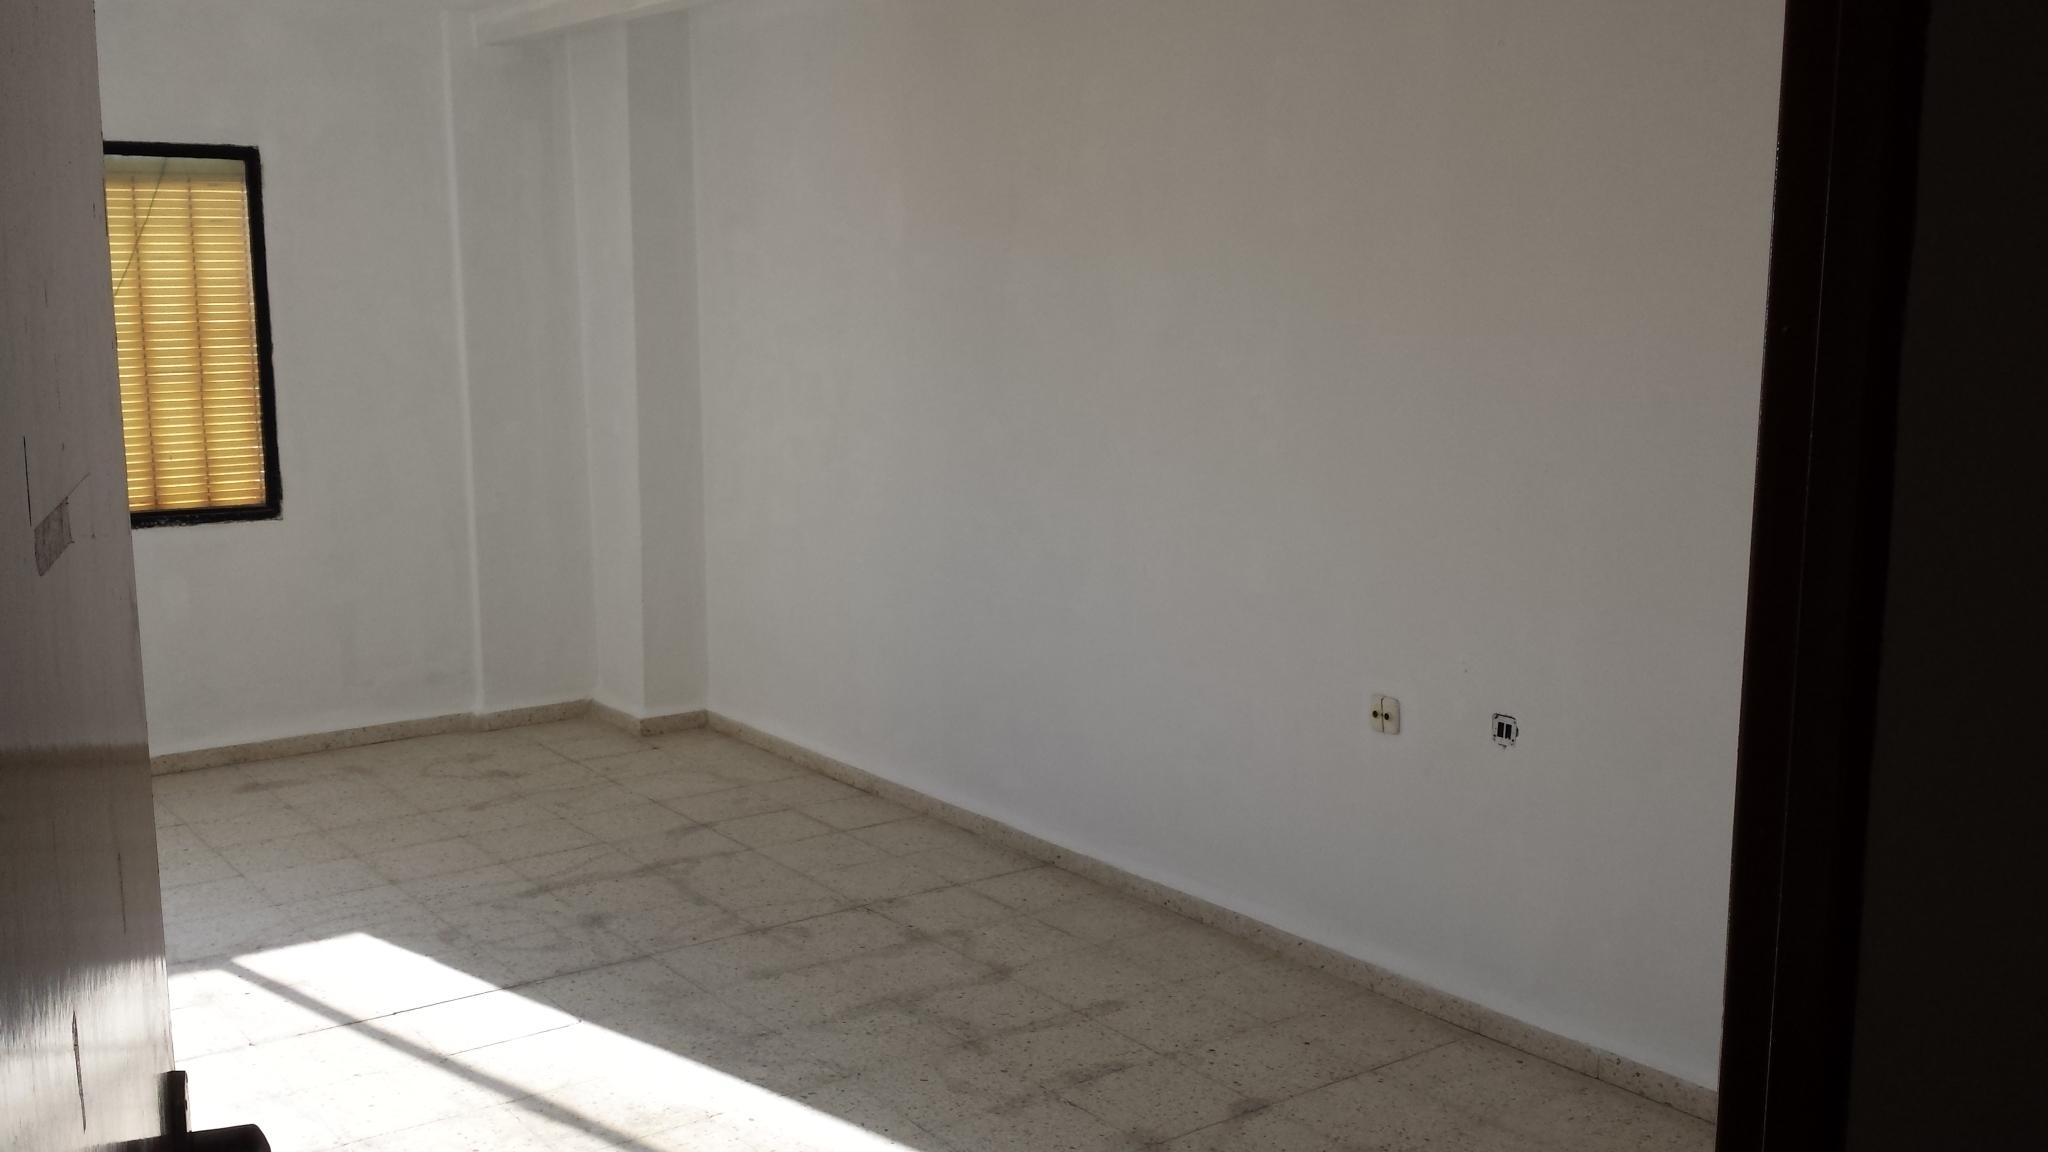 Piso en venta en Moraleja, Cáceres, Calle Ortega Y Gasset, 35.000 €, 3 habitaciones, 1 baño, 92 m2